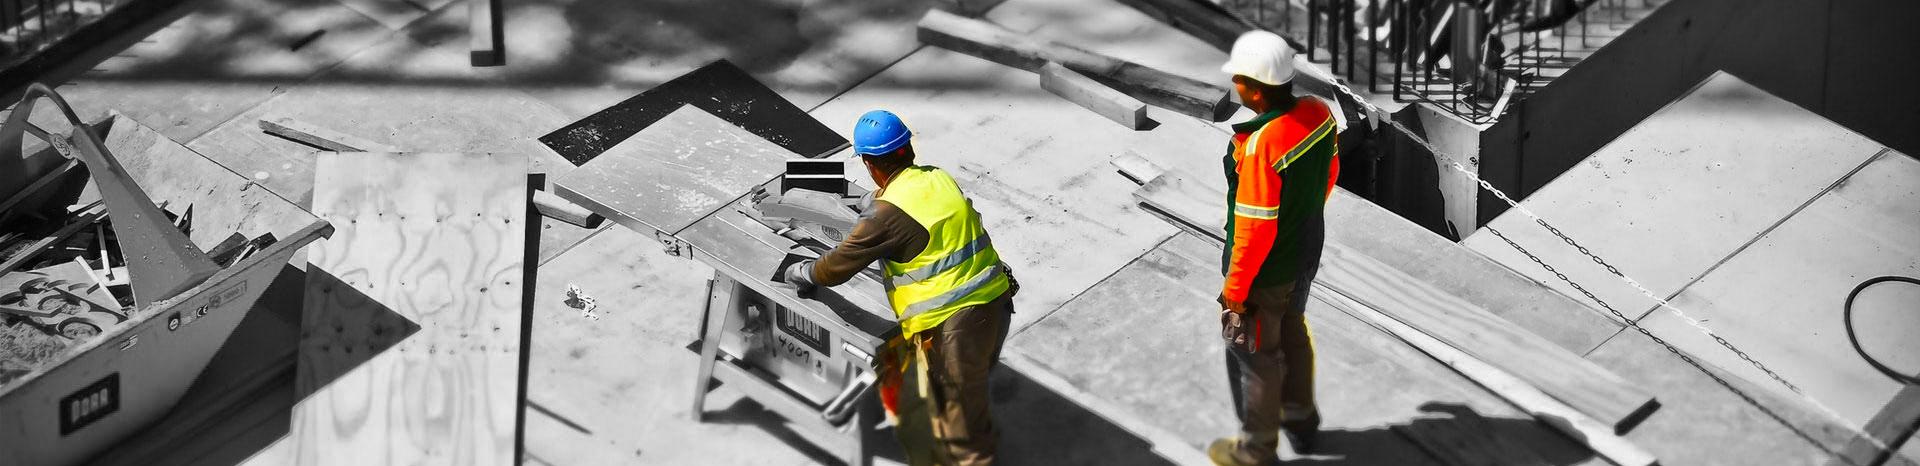 Beroepsziekten vergoeding | Ziek door werk | LetselPro